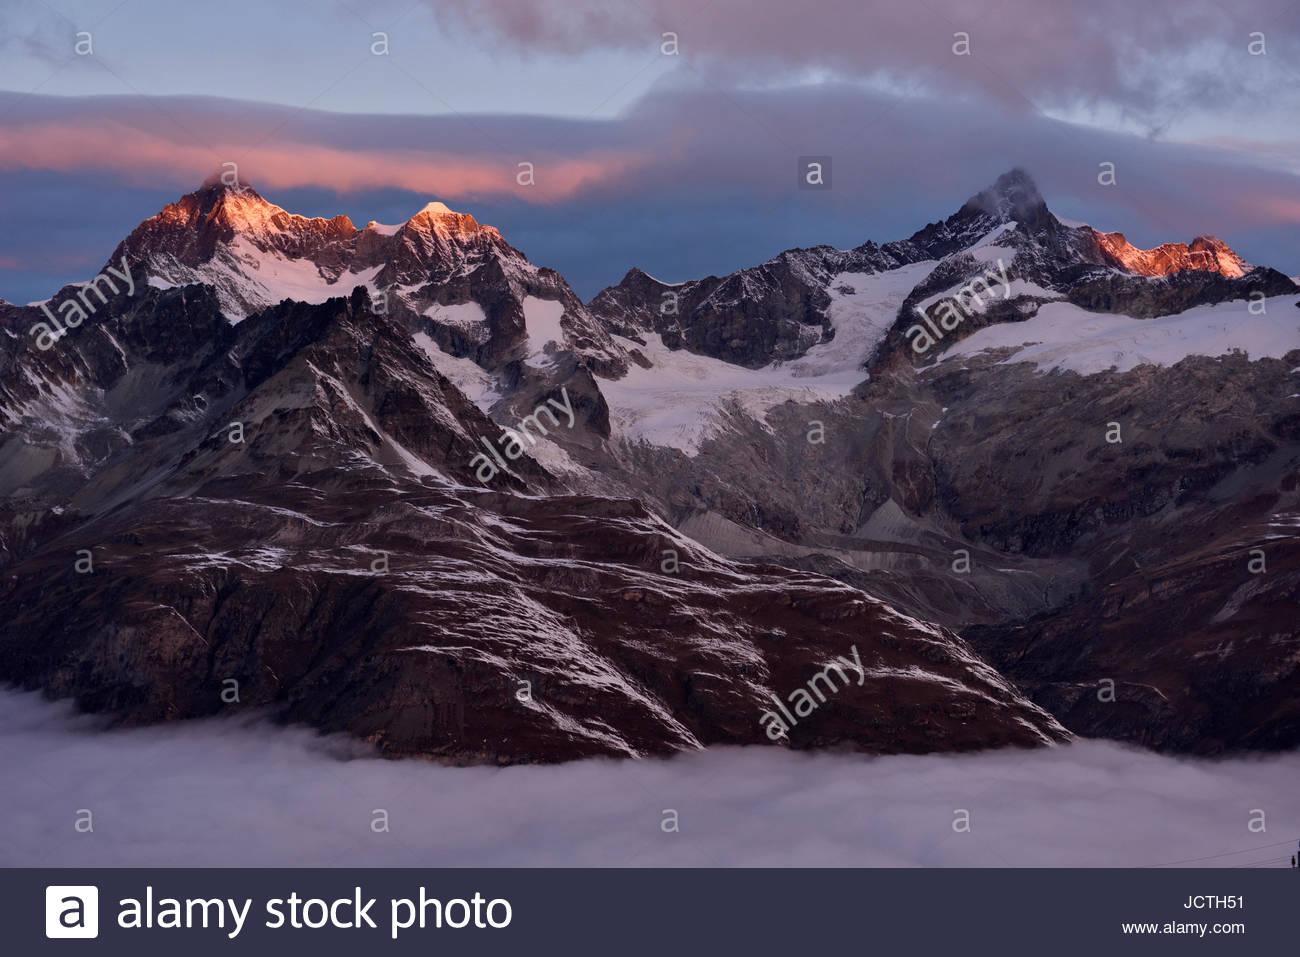 Alba sulle vicine montagne ad est del maestoso Cervino (al di fuori del fotogramma). Immagini Stock